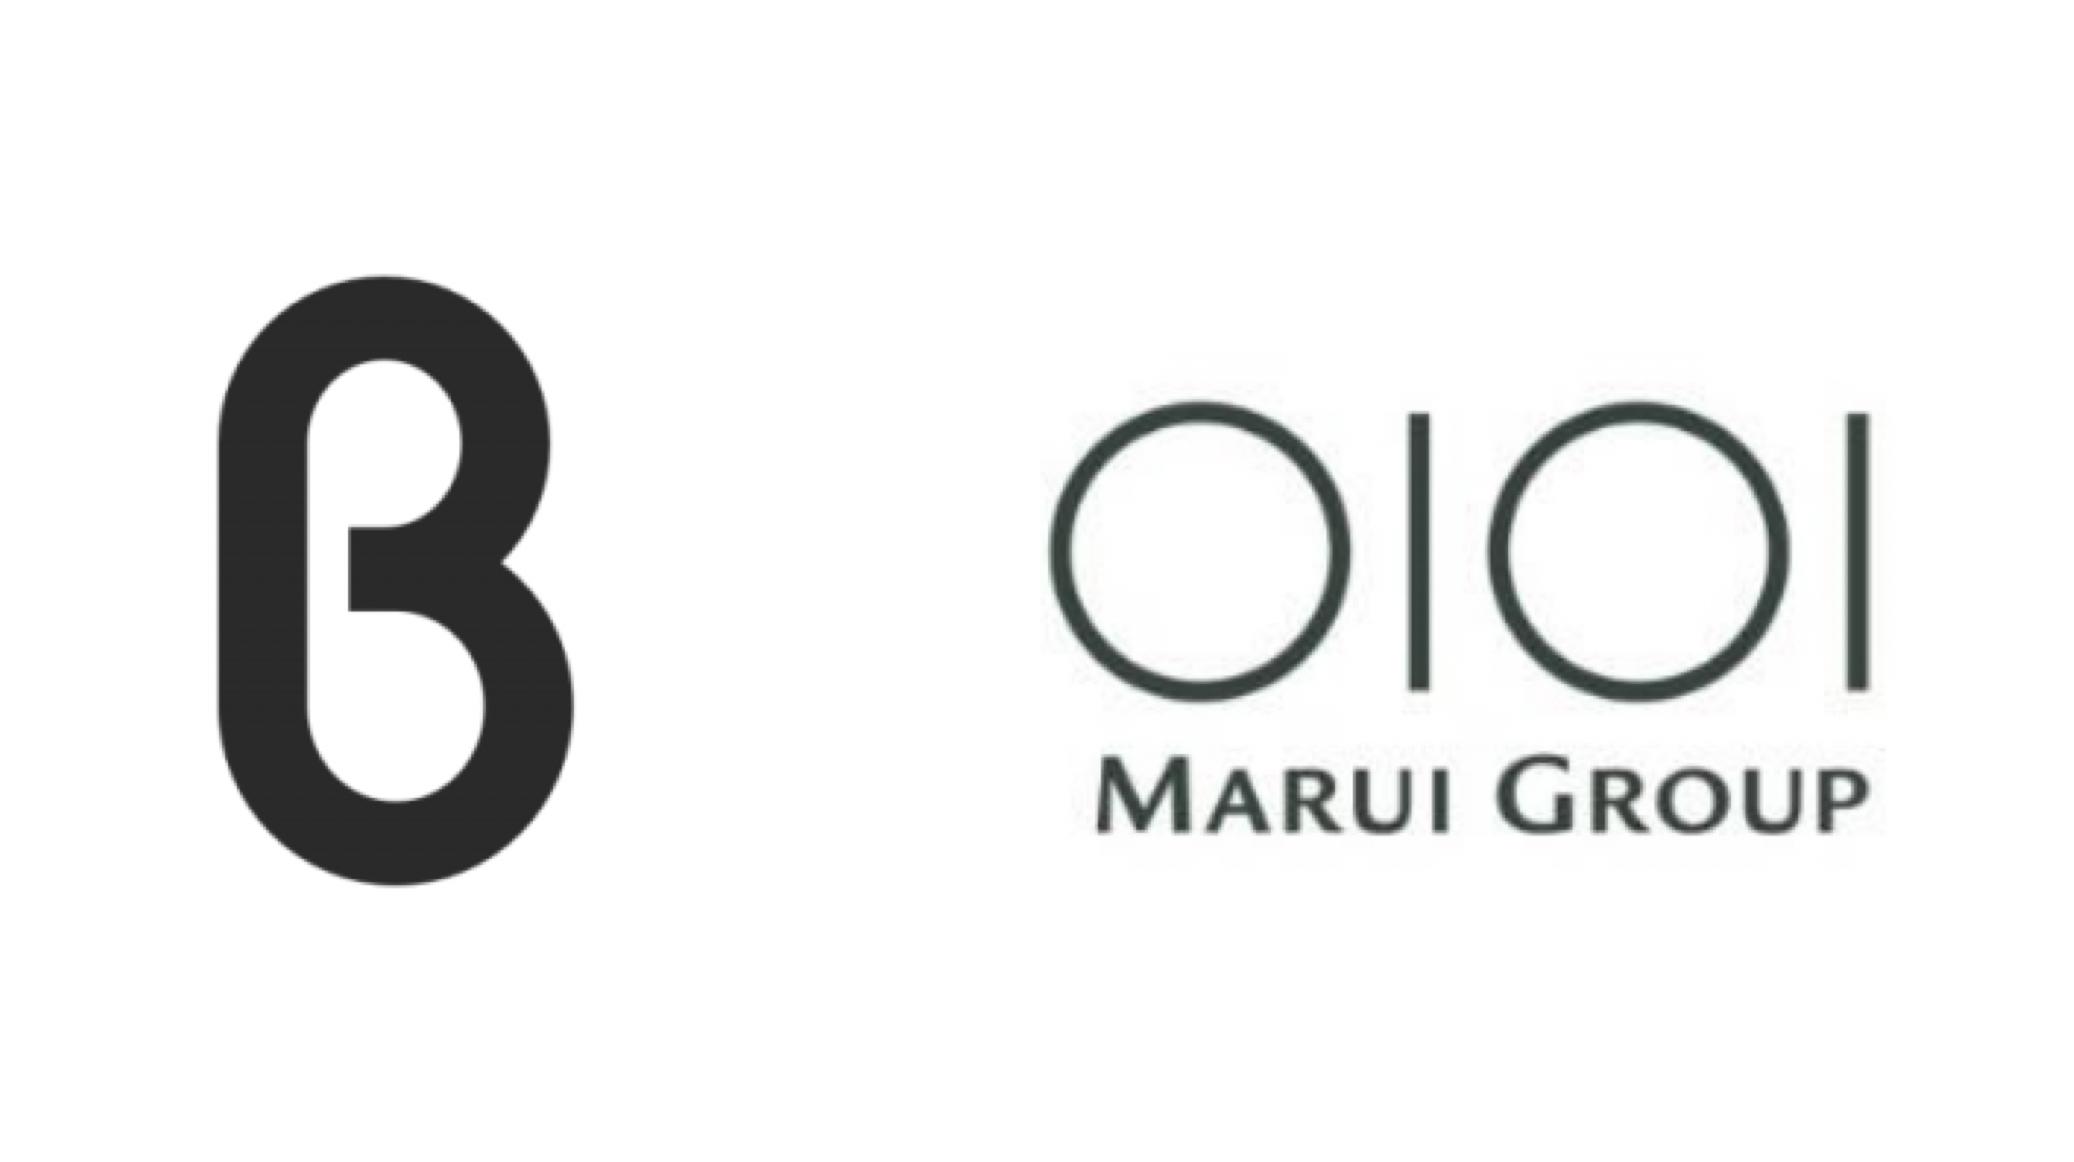 丸井グループ | 新たな体験価値の共創、新宿マルイ本館にb8taが日本初出店